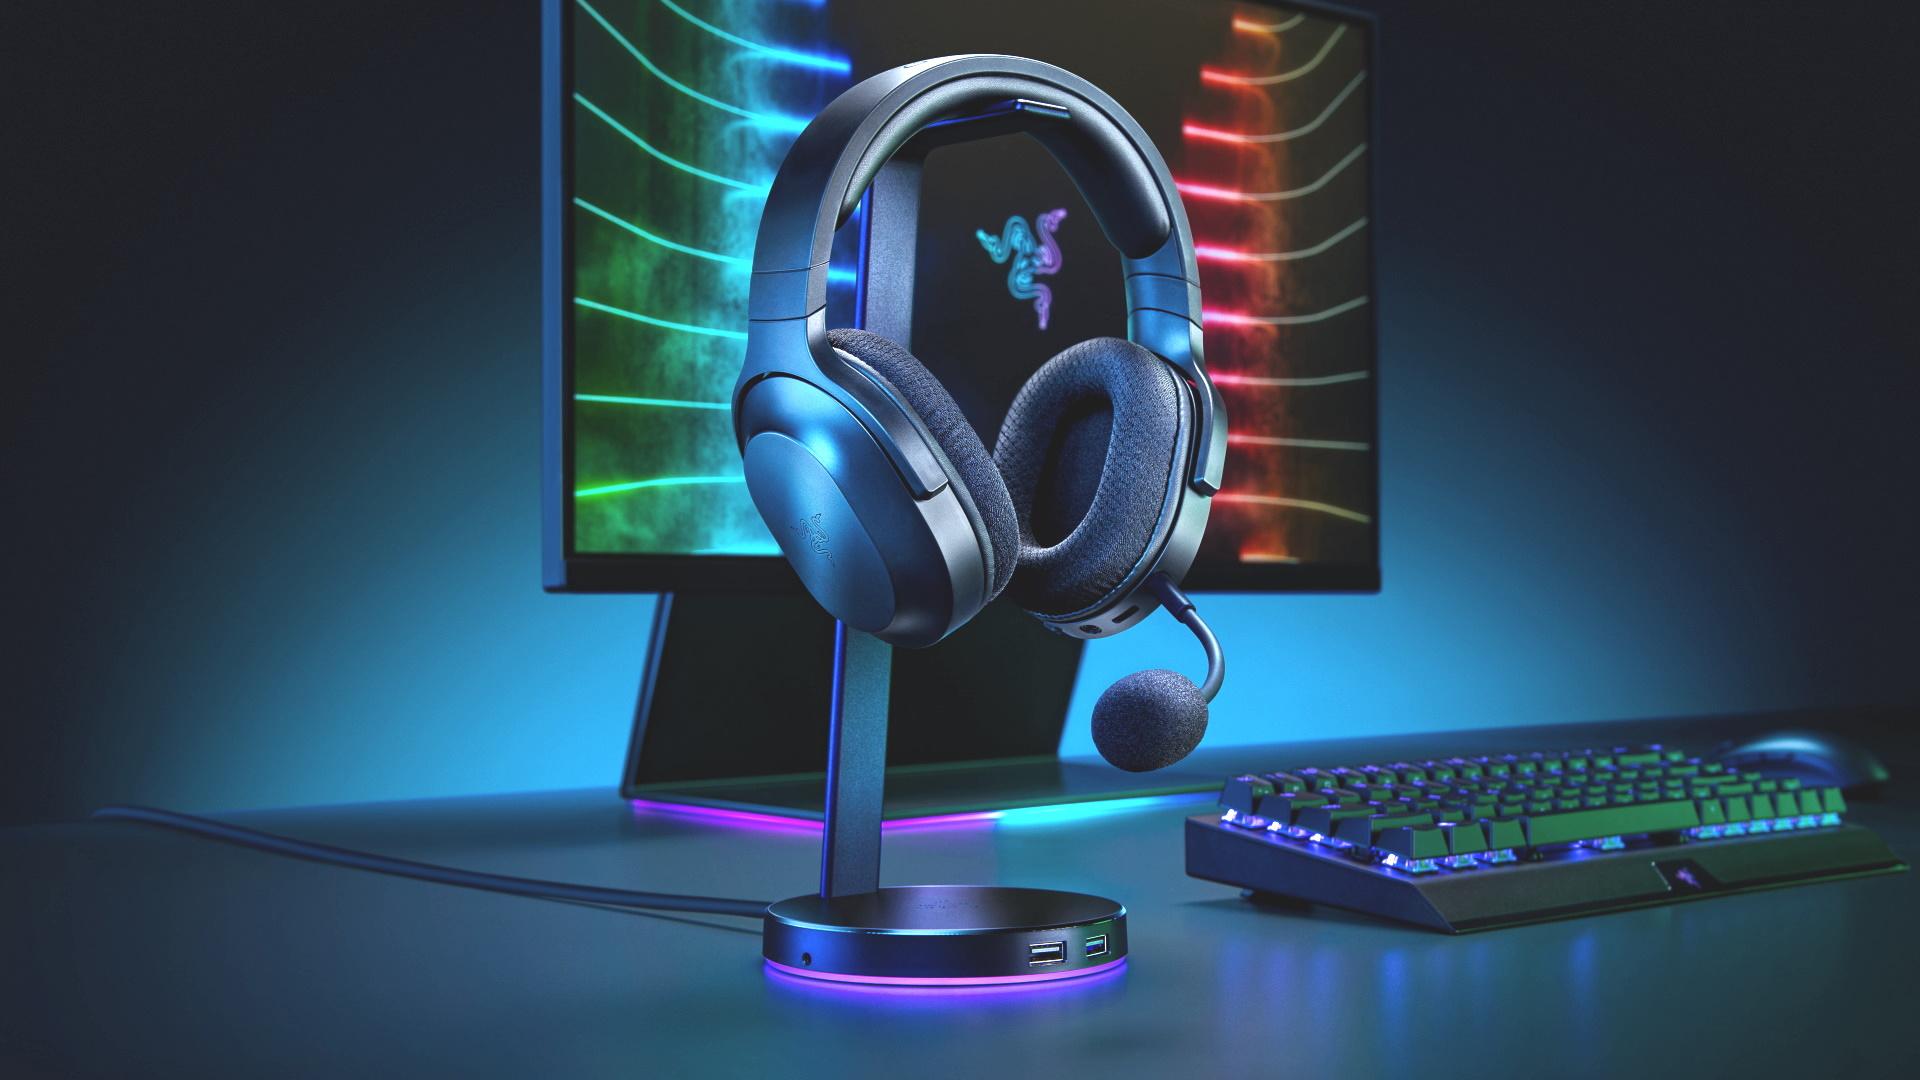 Razer Barracuda X Wireless Gaming Headset Review